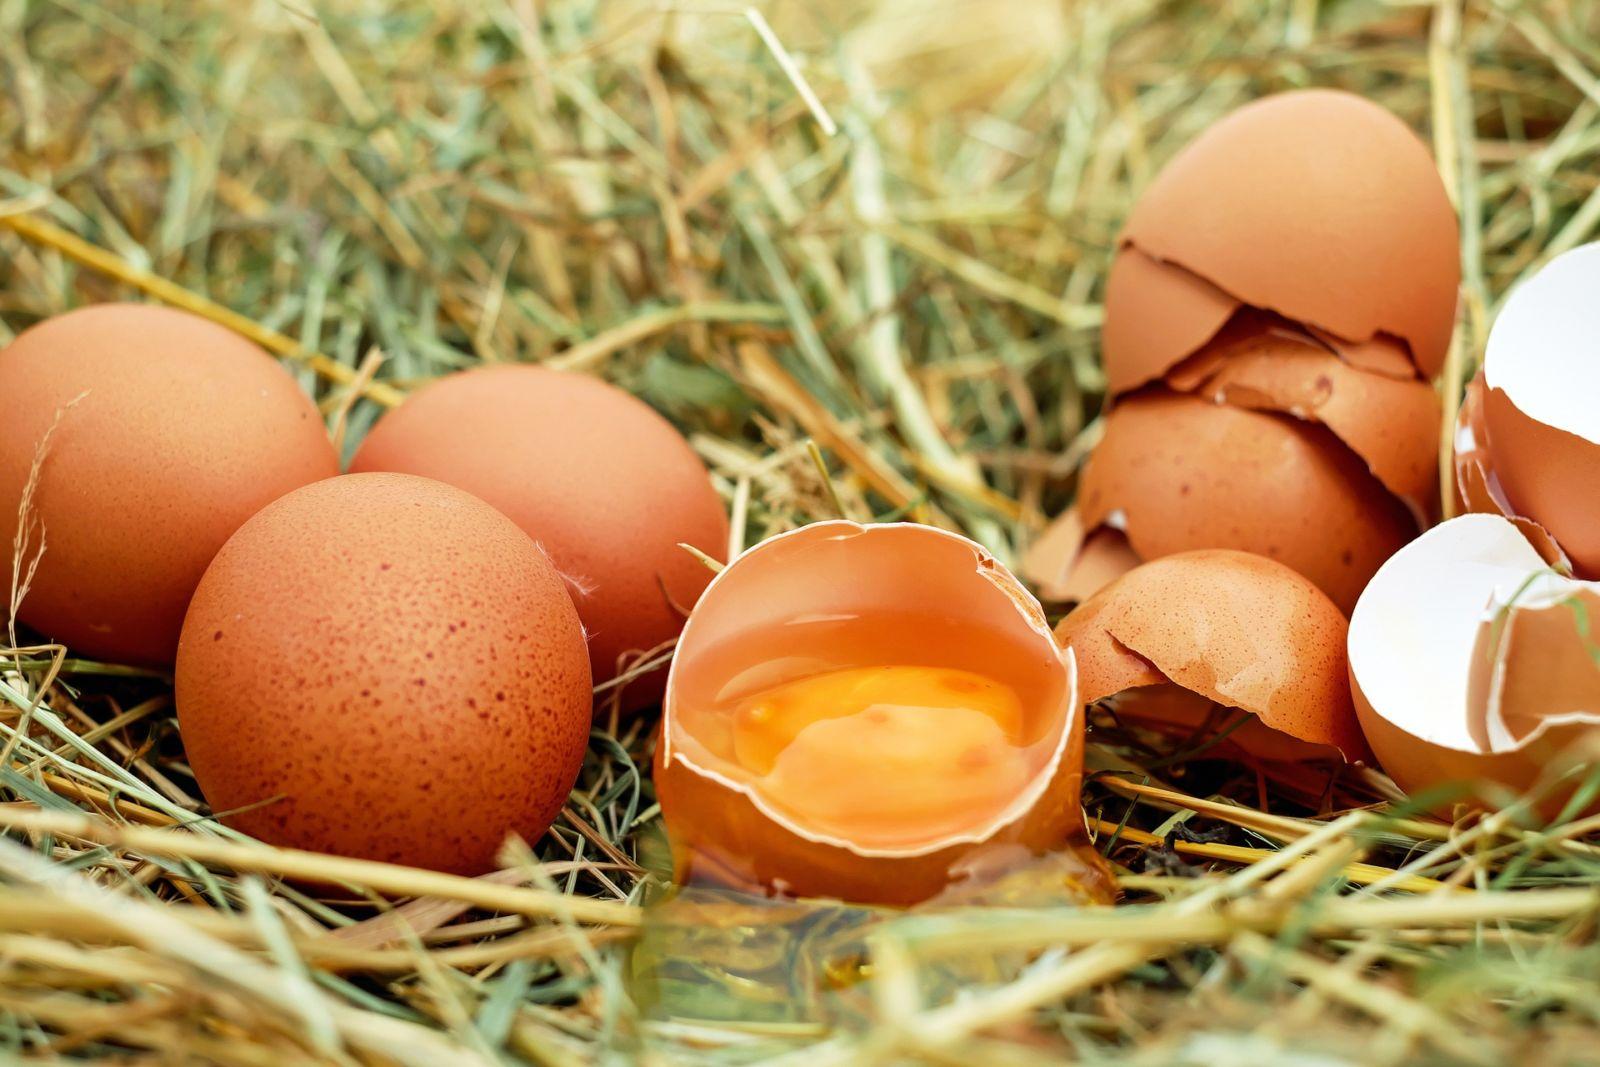 afvallen en eieren